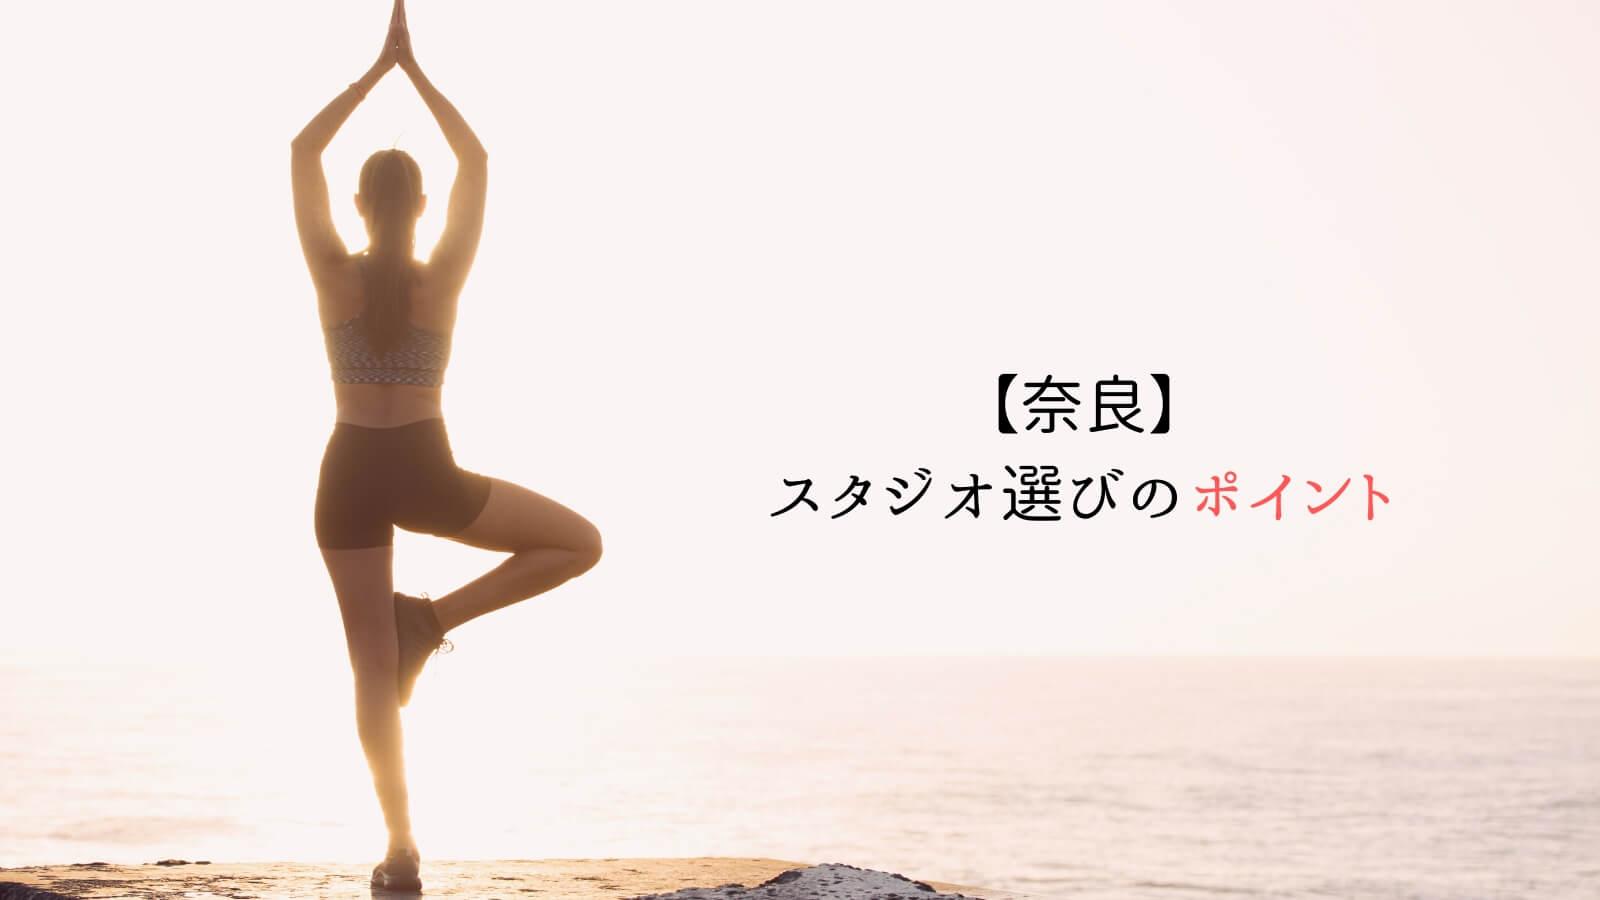 奈良のホットヨガスタジオ選びのポイント